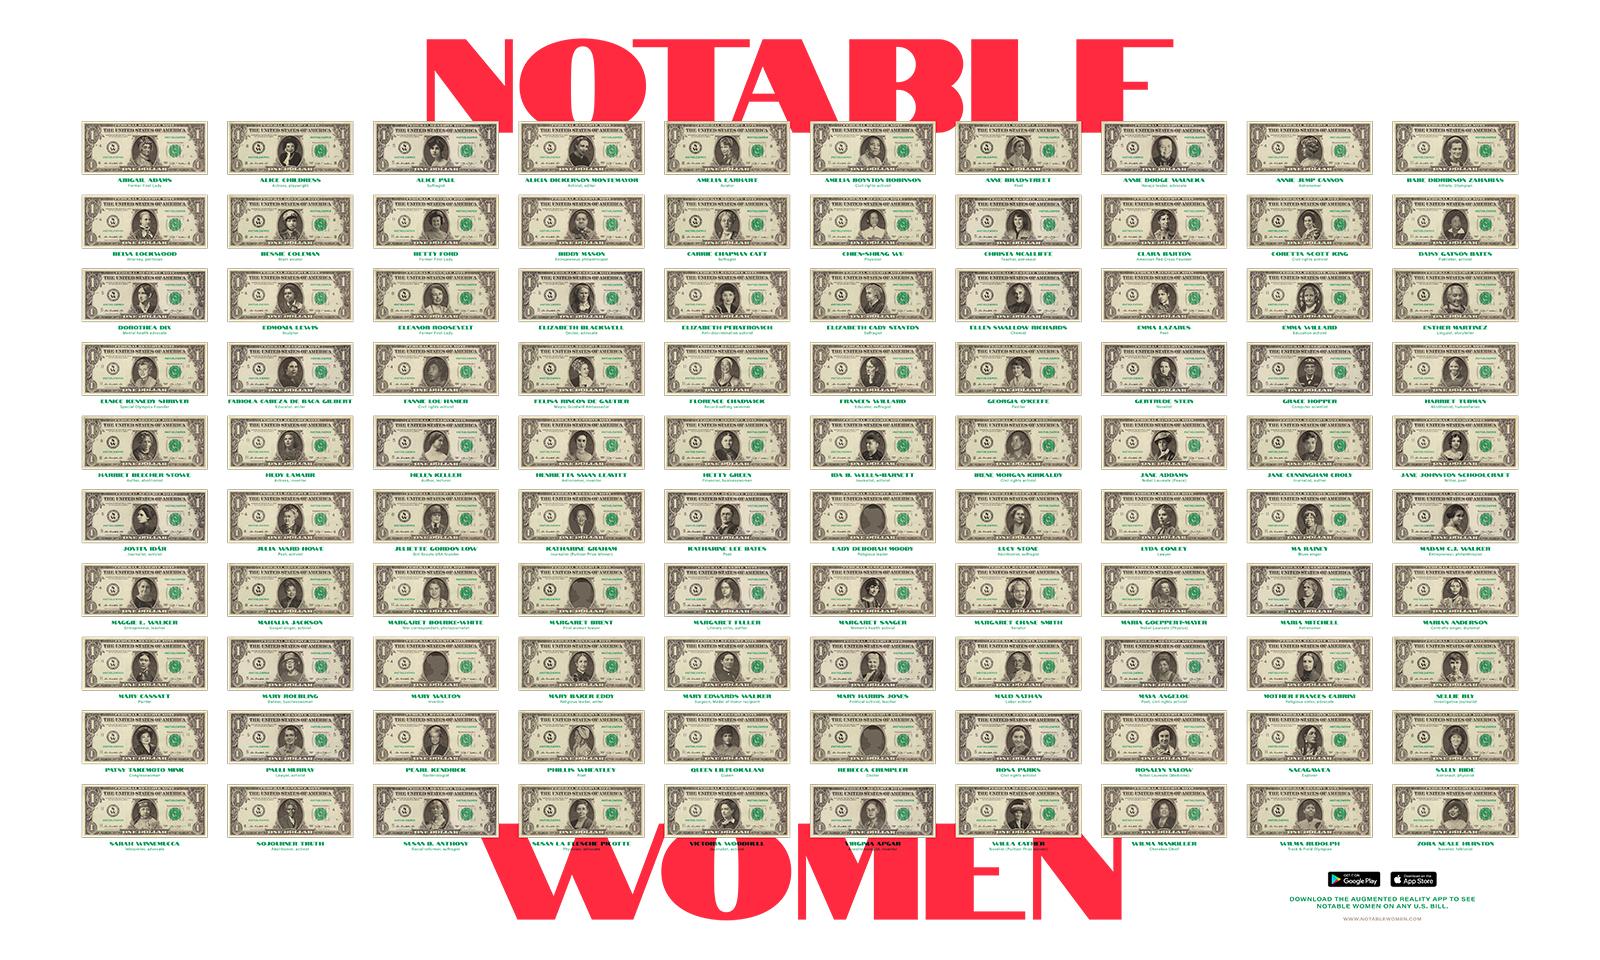 NotableWomen_BulletinBoard.jpg